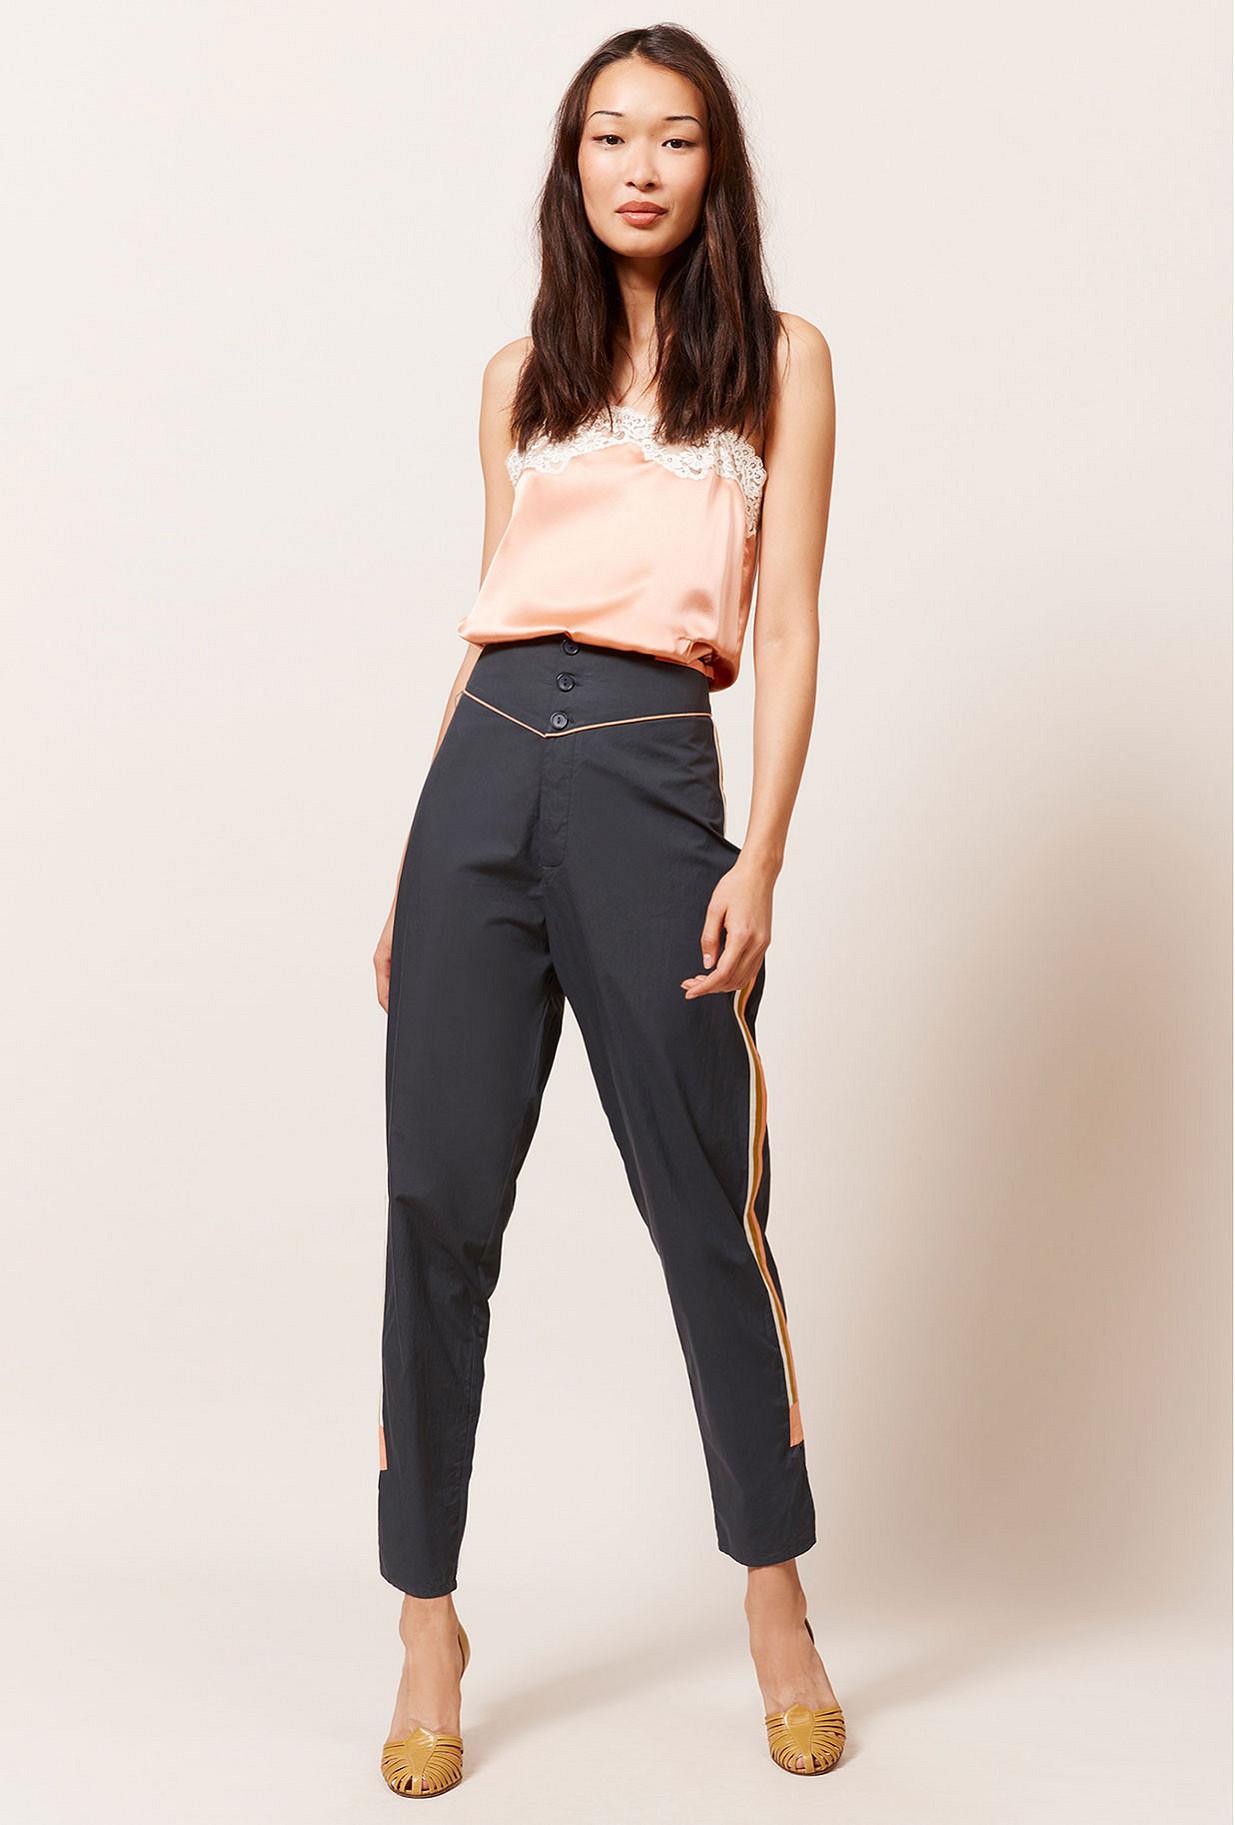 Paris clothes store Pant Primo french designer fashion Paris